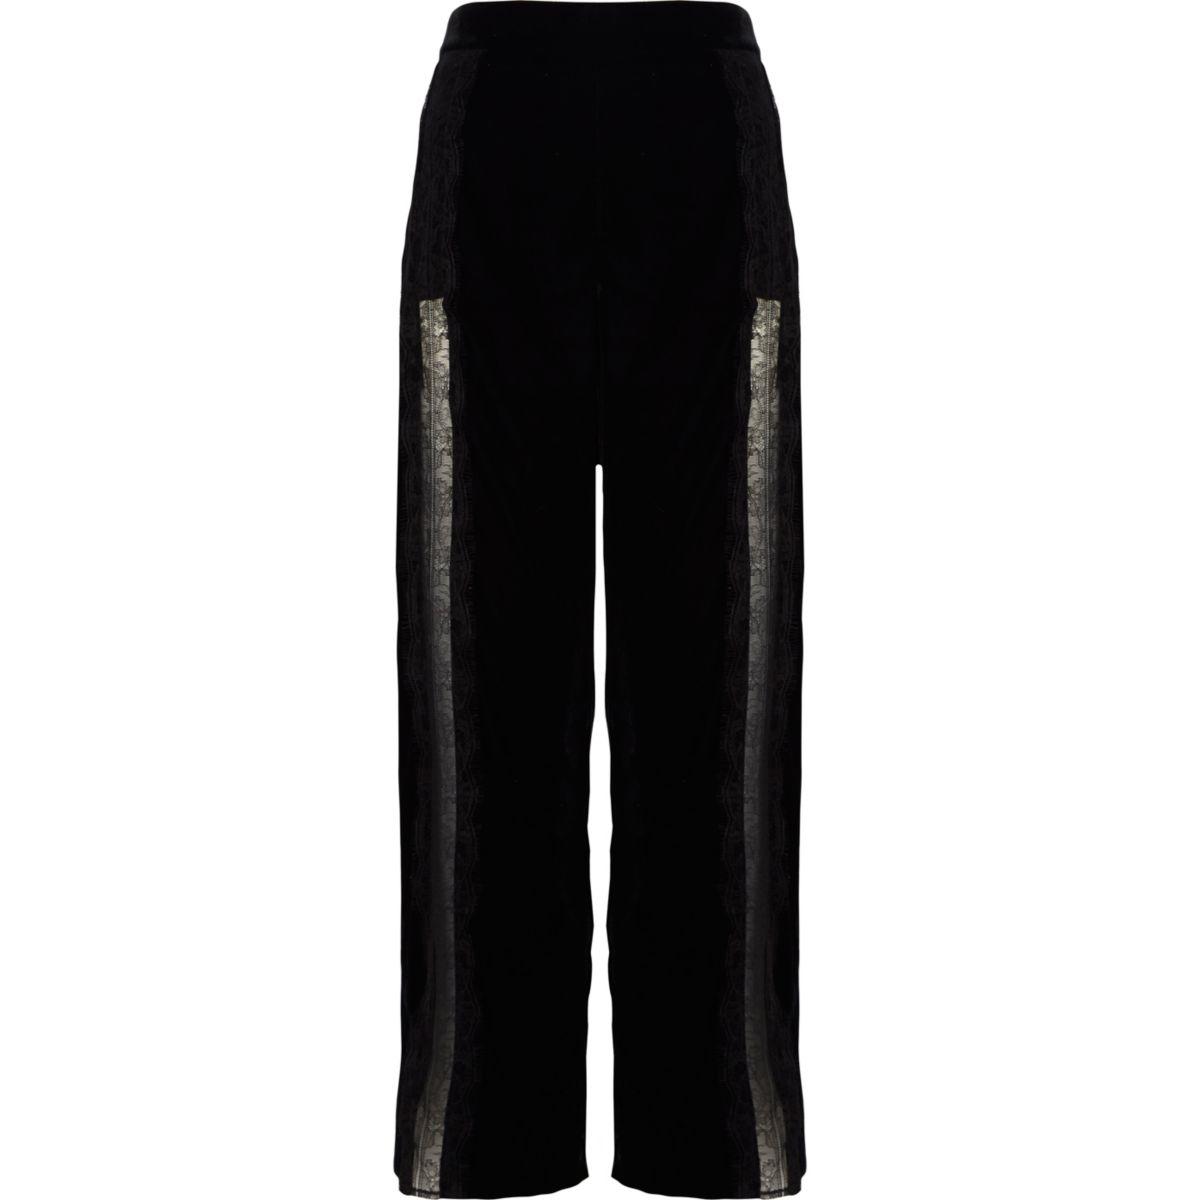 Pantalon large en velours noir à bordure en dentelle